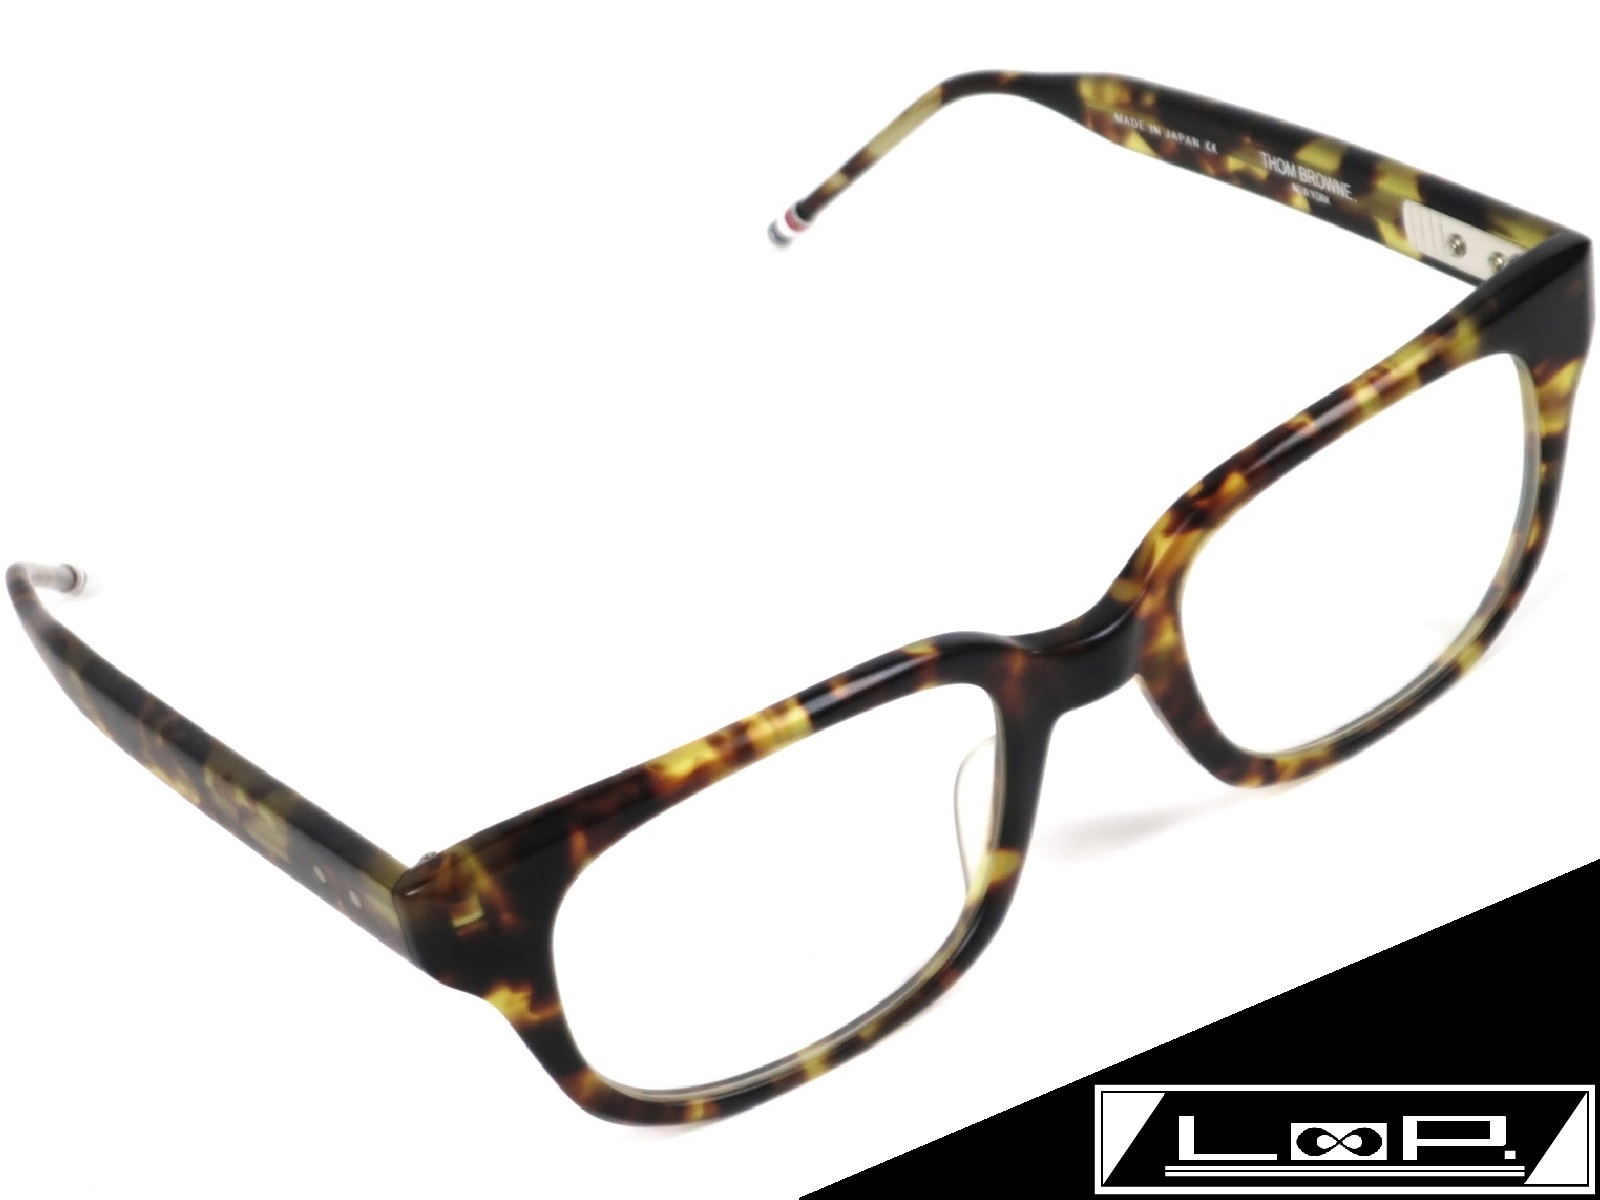 【SALE】【未使用】 THOM BROWNE トム ブラウン メガネ 眼鏡 TB-401-B-TKT 49.5□21-148 べっ甲 サングラス ブラウン イエロー 【A15893】 【中古】